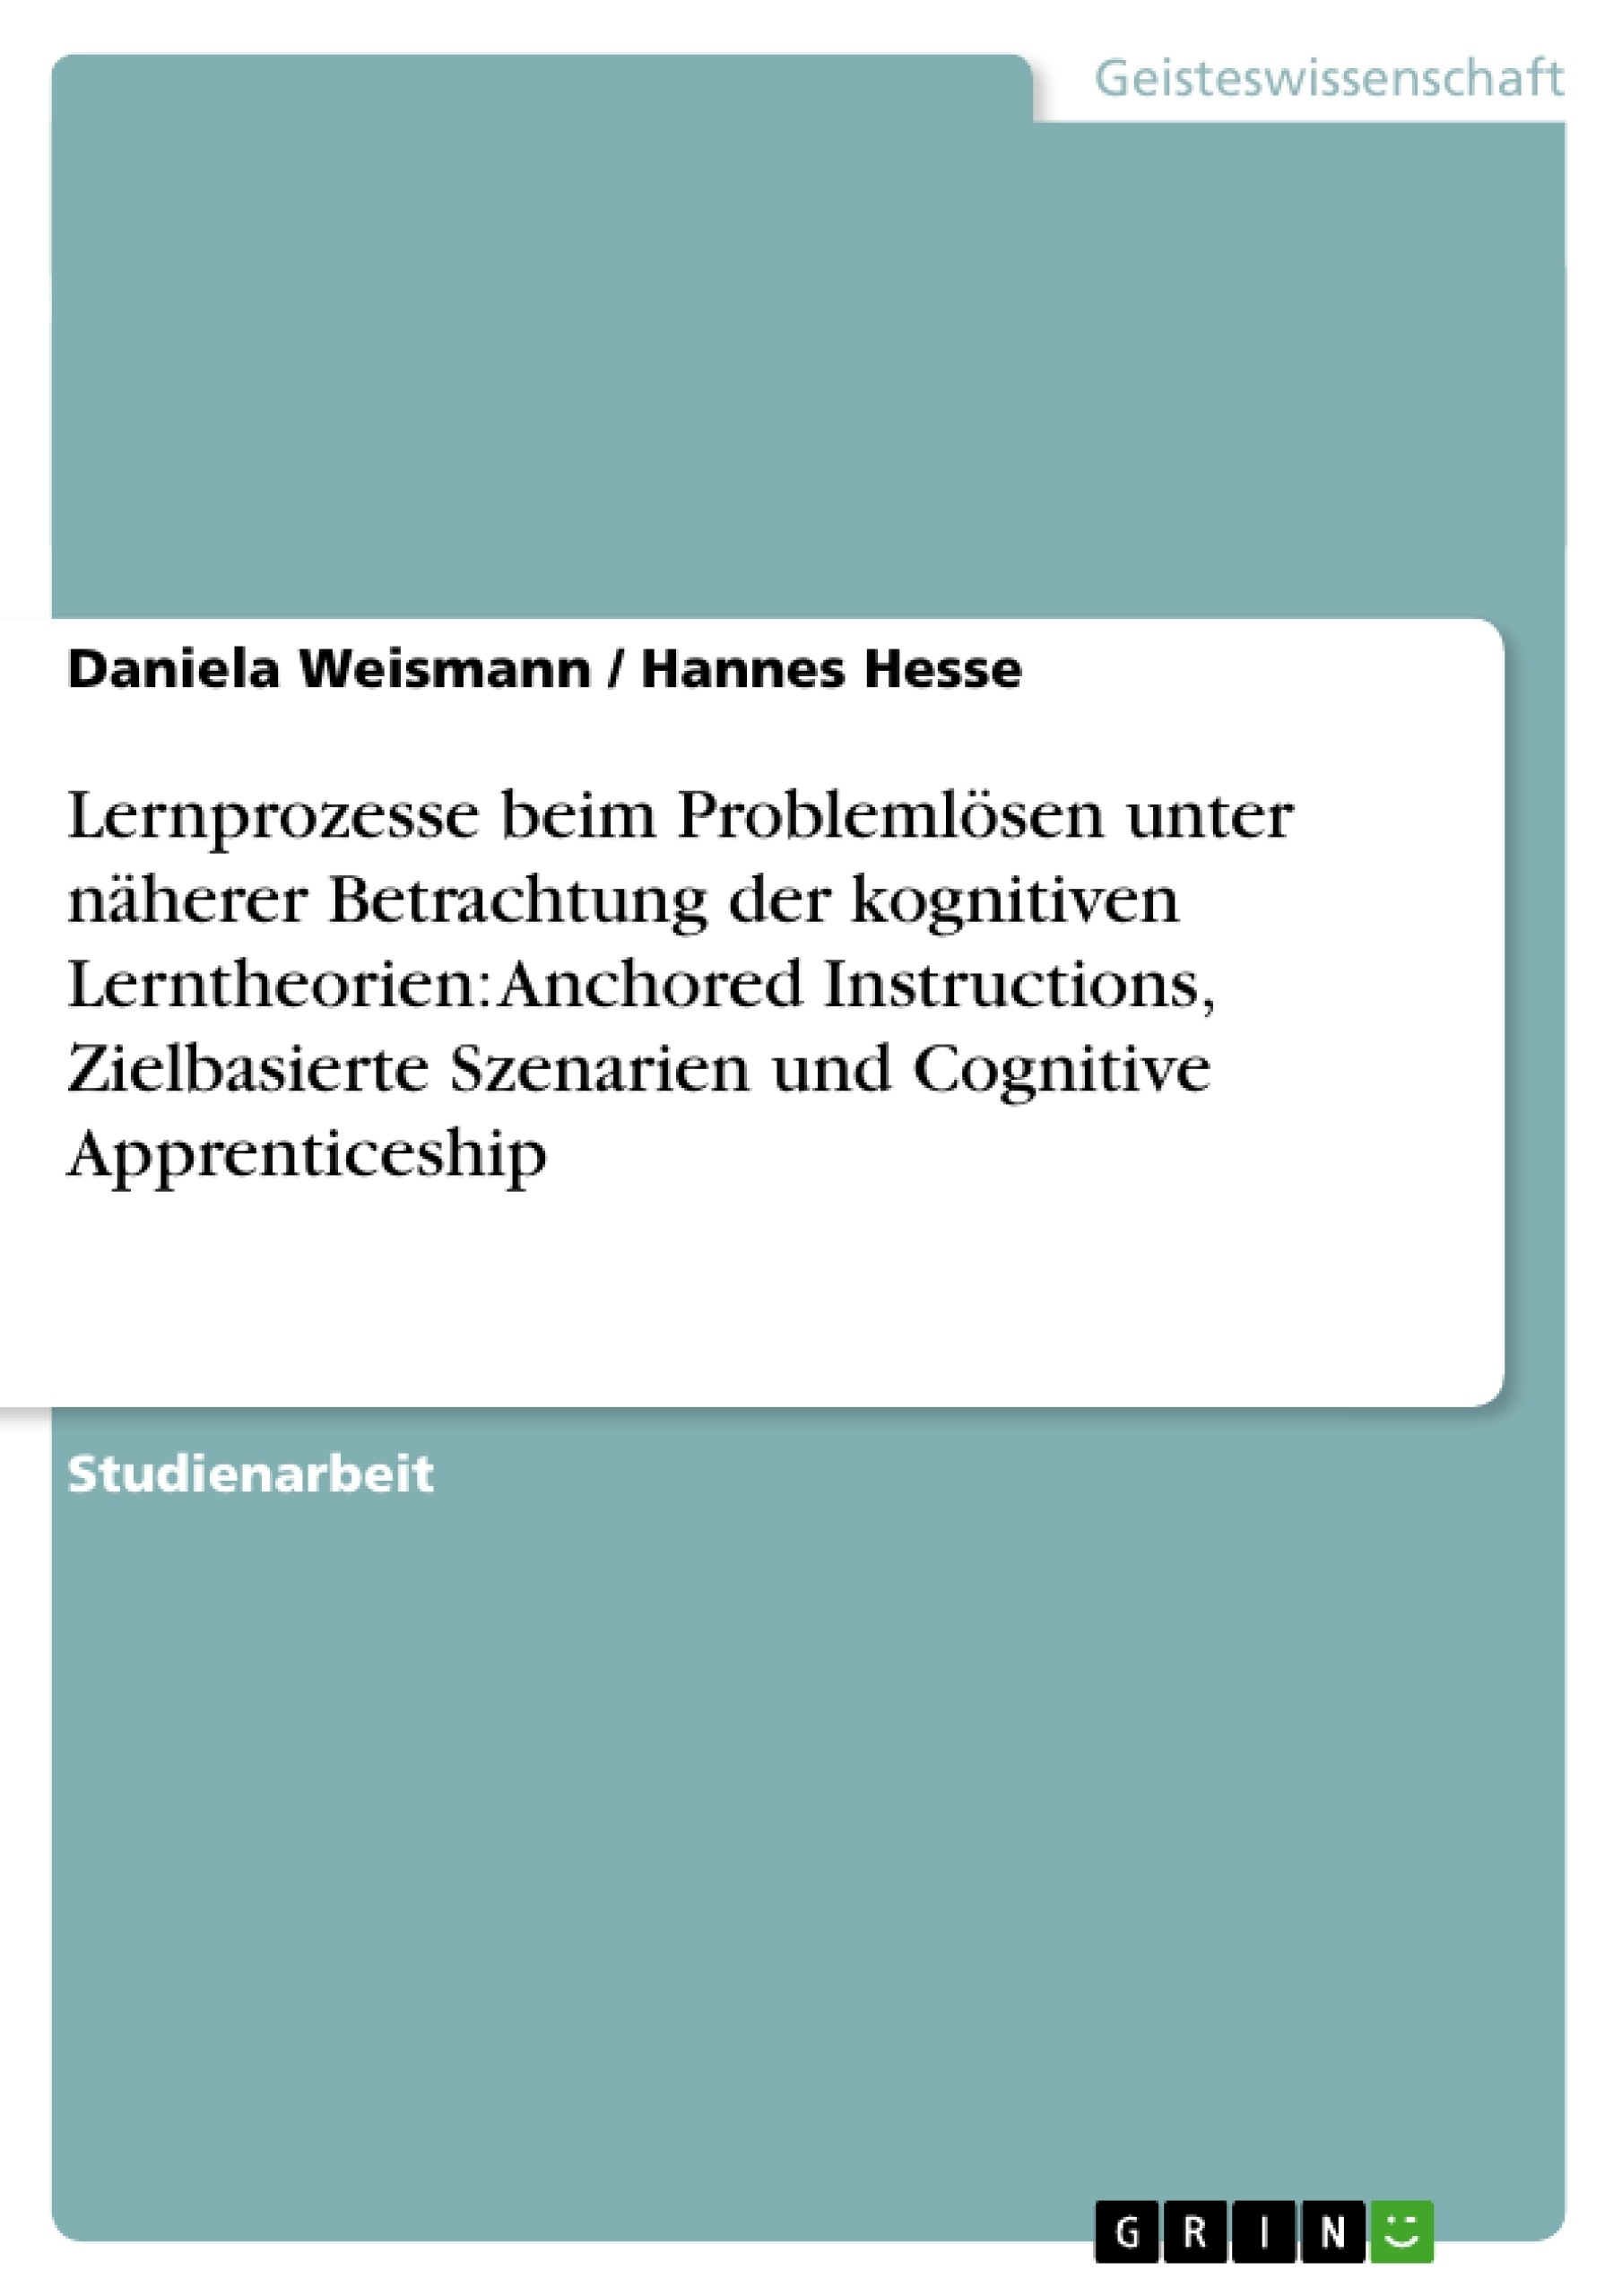 Titel: Lernprozesse beim Problemlösen unter näherer Betrachtung der kognitiven Lerntheorien: Anchored Instructions, Zielbasierte Szenarien und Cognitive Apprenticeship